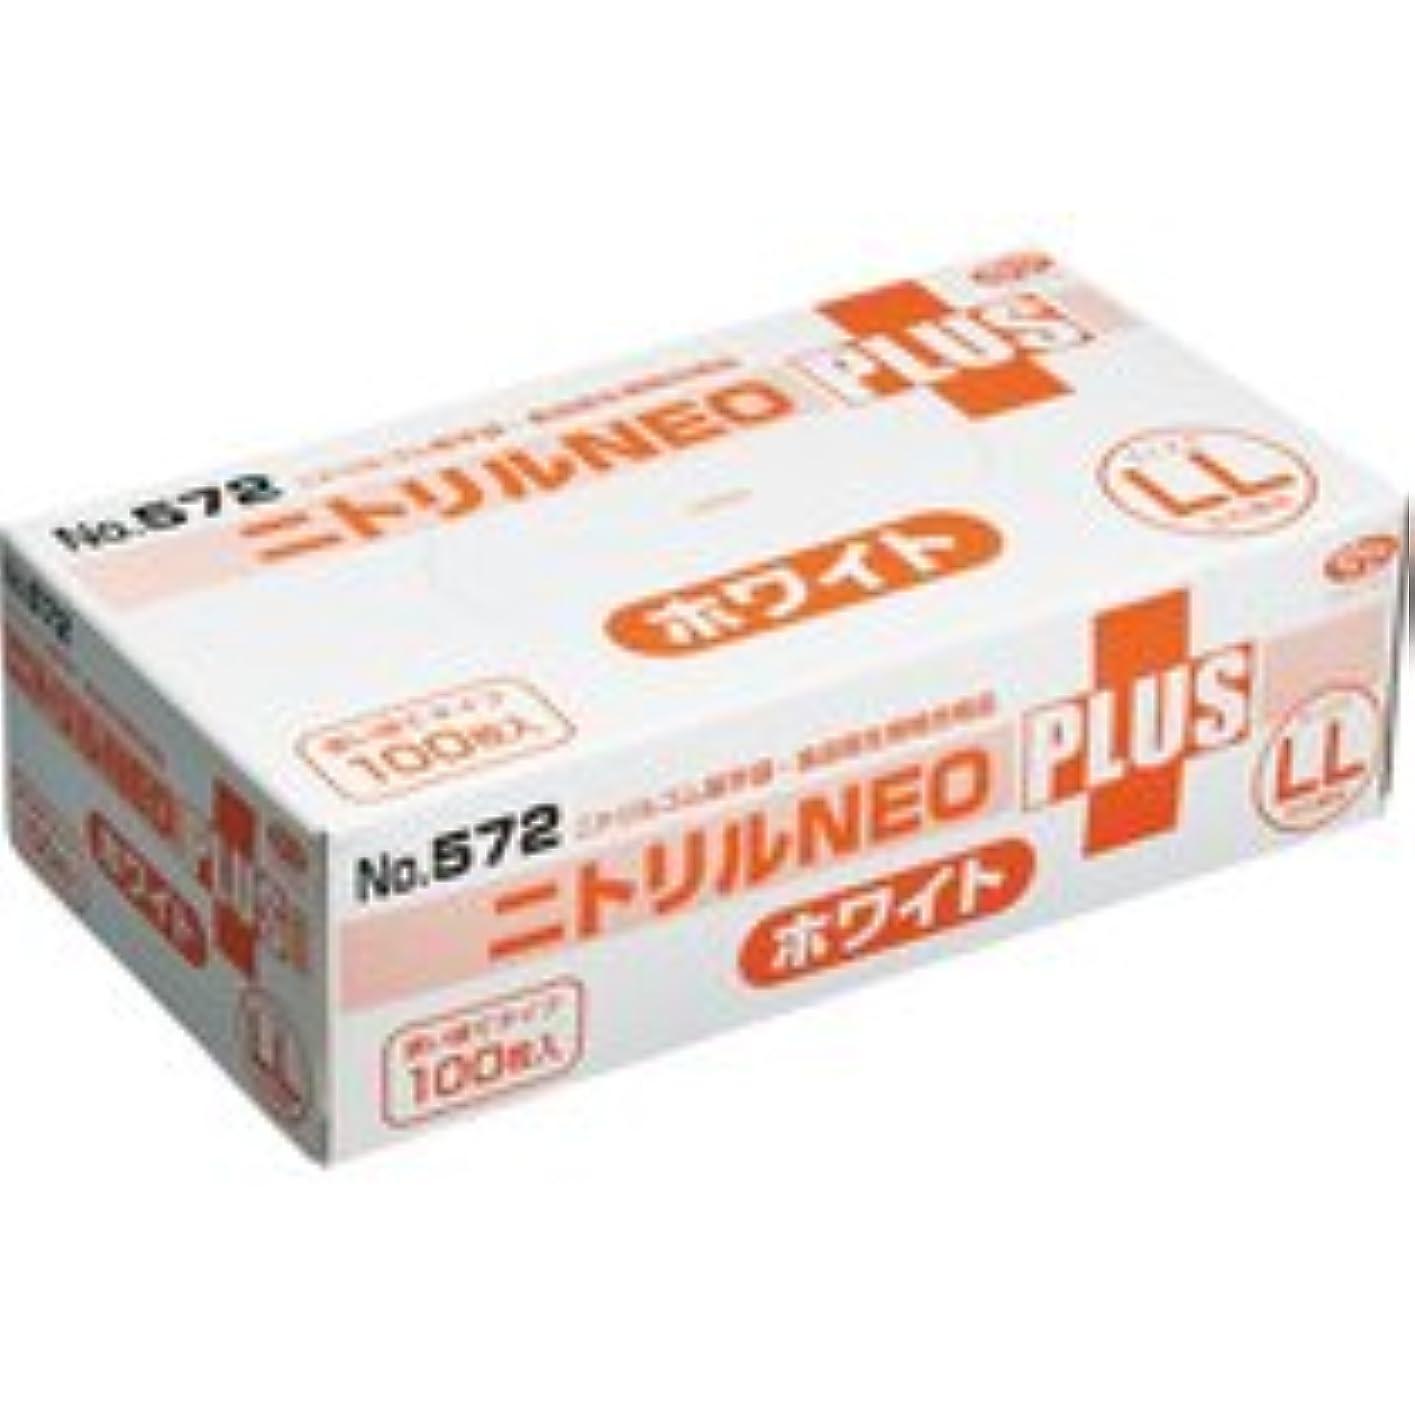 上昇交換エイリアンエブノ ニトリルNEOプラス パウダーイン ホワイト LL NO-572 1箱(100枚)